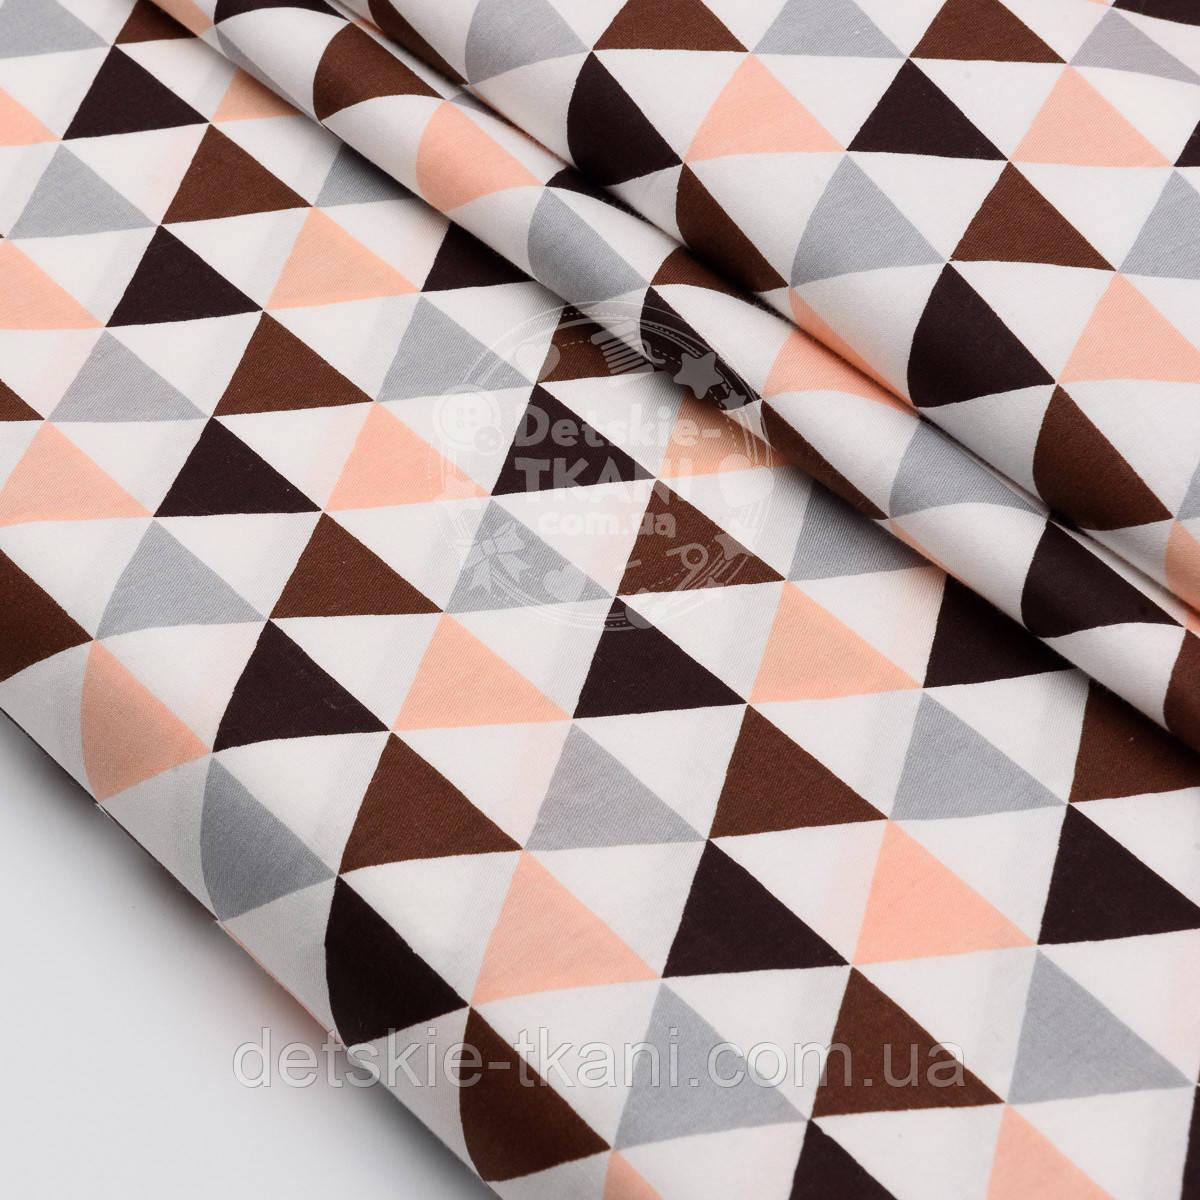 Сатин с треугольниками персиковыми и коричневыми №1496с